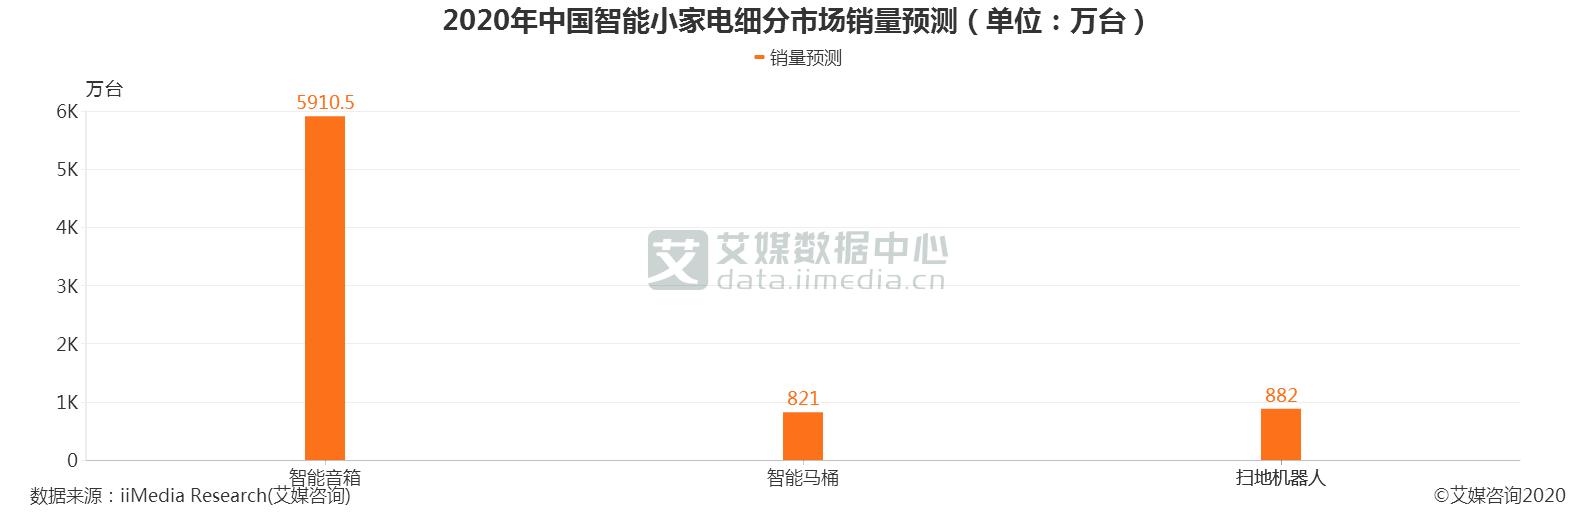 2020年中国智能小家电细分市场销量预测